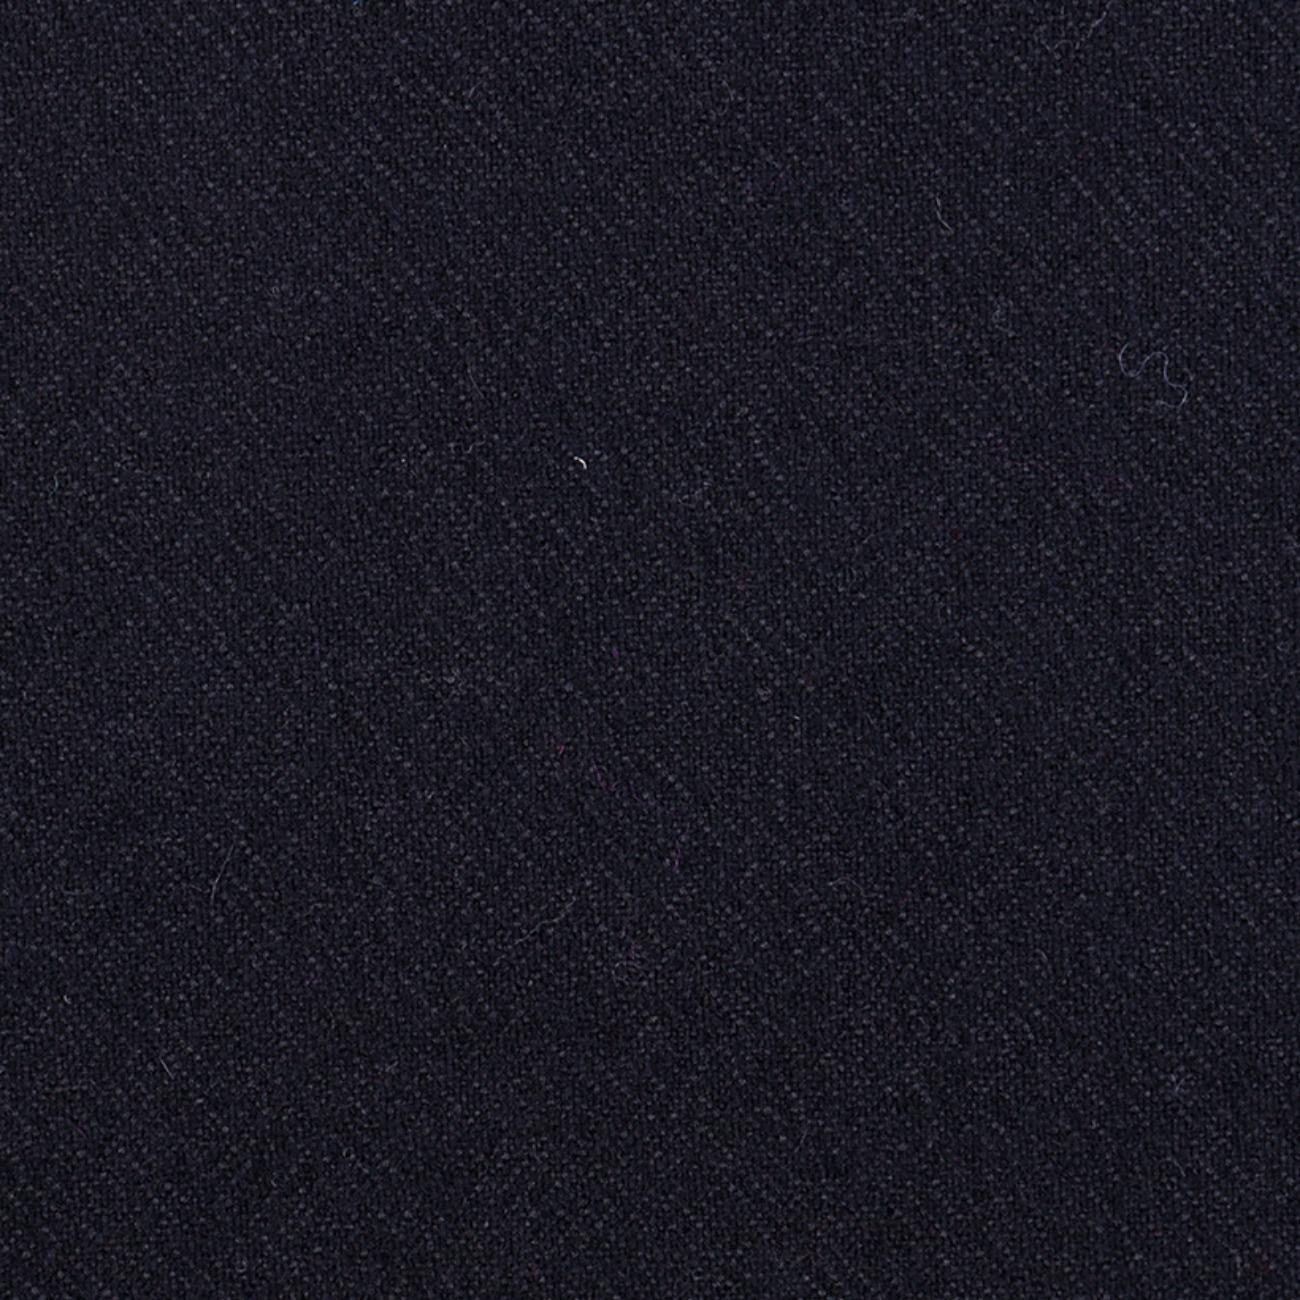 素色 梭织 双面 低弹 大衣 外套 柔软 细腻 绒感 男装 女装 童装 秋冬 羊毛 71019-17